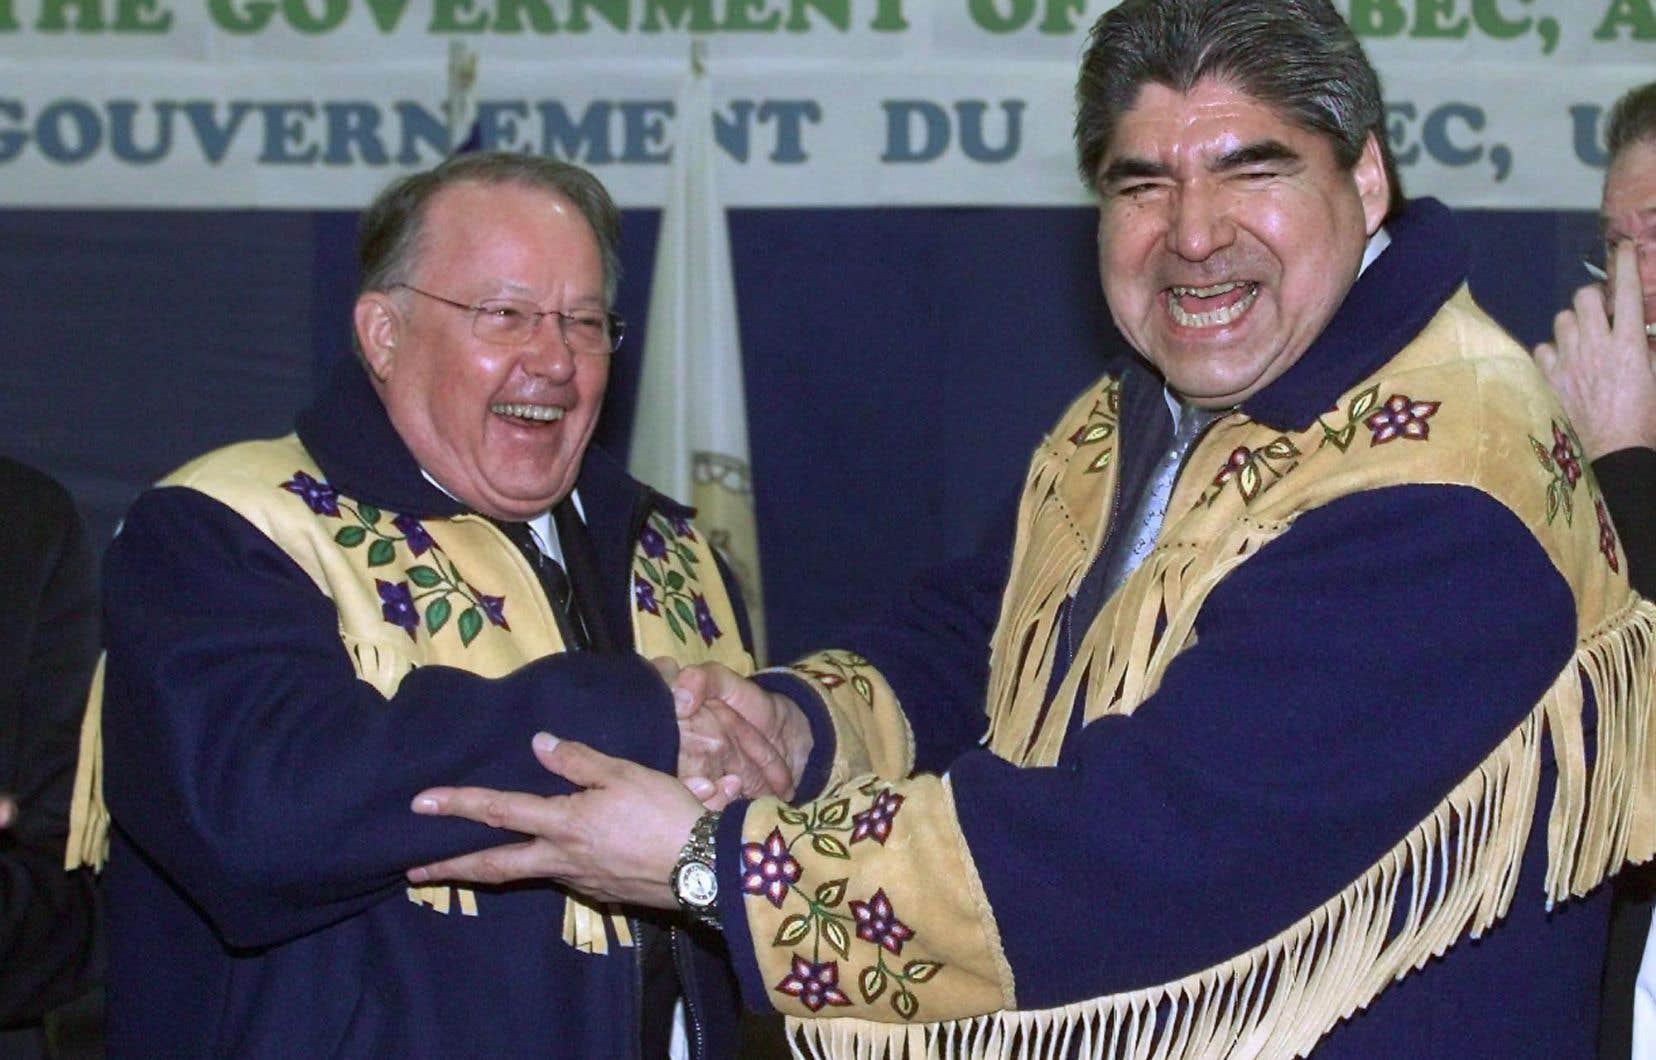 Bernard Landry et Ted Moses sont parvenus en 2002 à conclure un accord historique, qui sert depuis de «modèle pour le reste du Canada et à l'étranger».